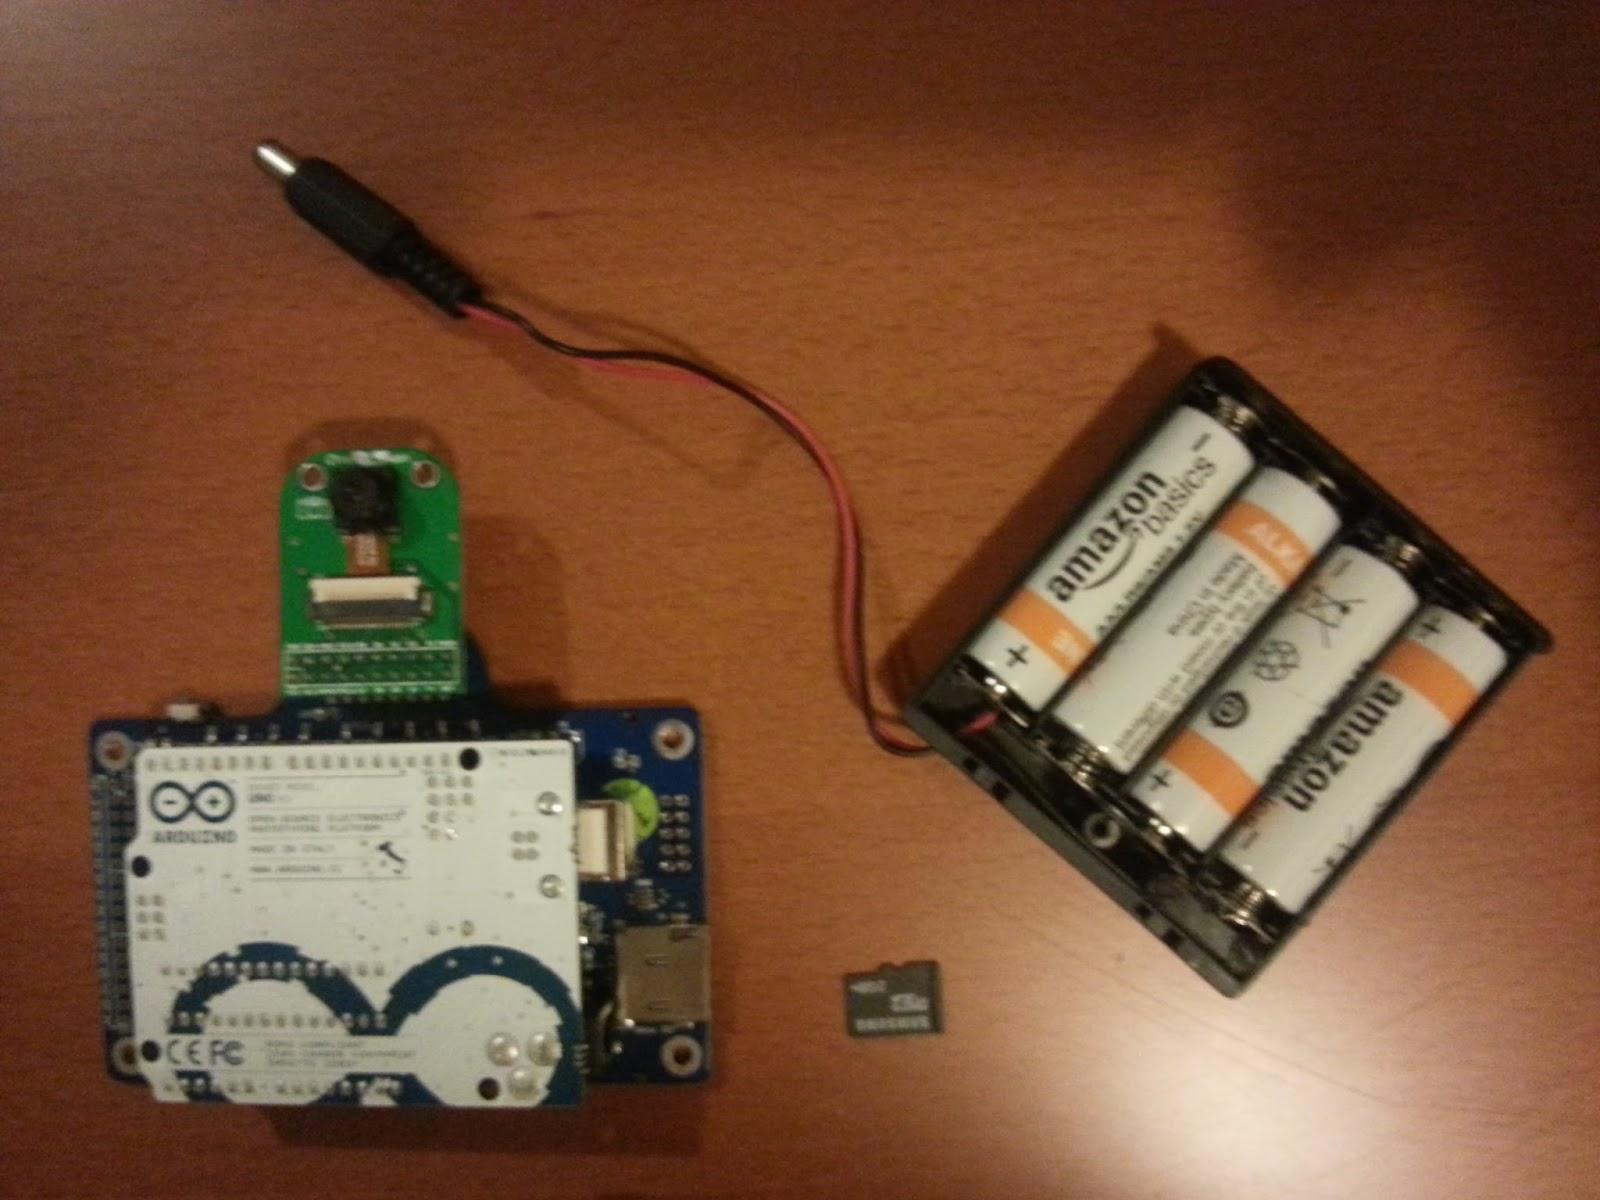 Ben Li-Sauerwine's Notebook: An Arduino Time-Lapse Camera